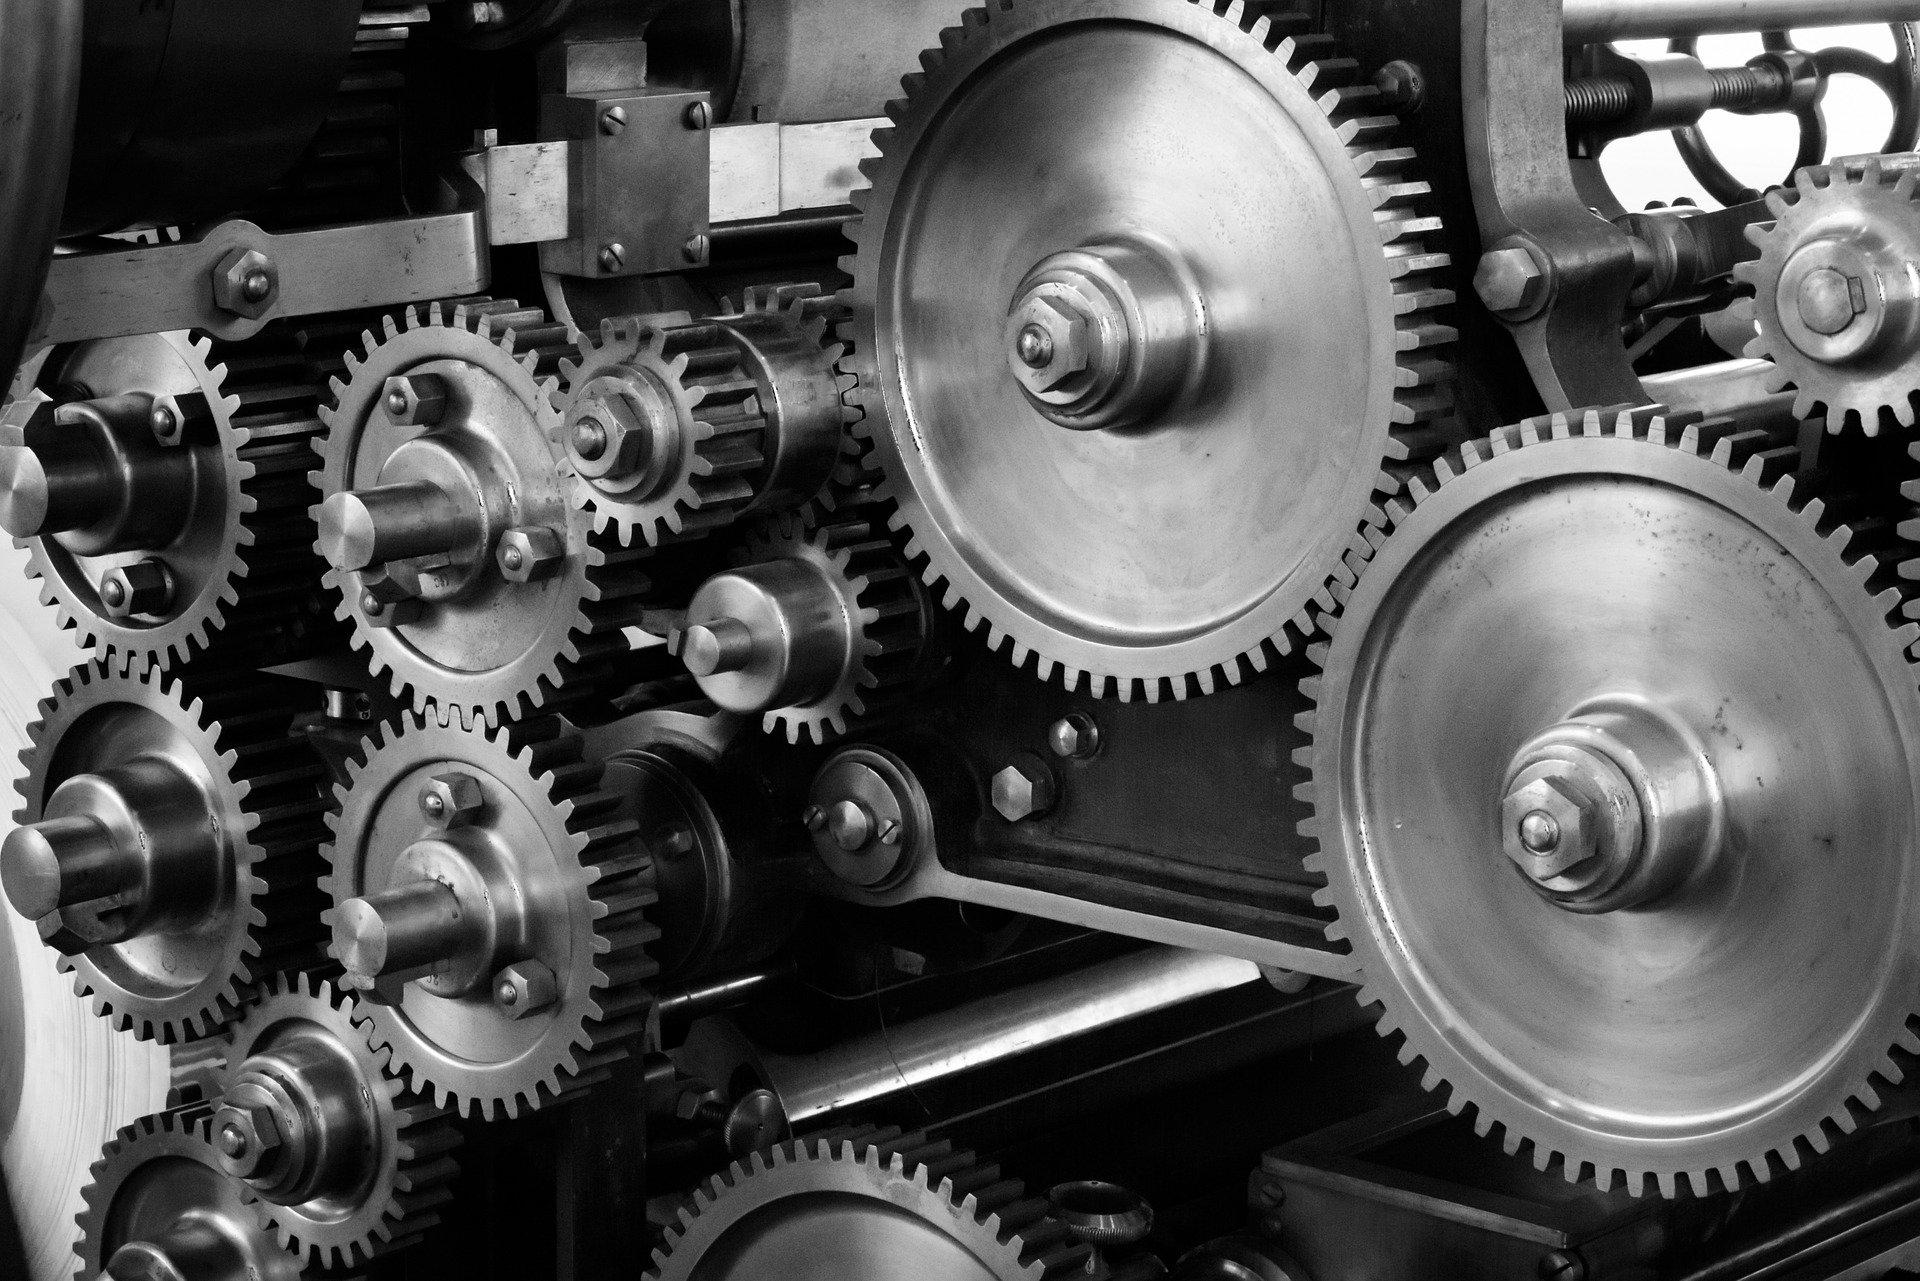 机械设计的一般过程及方法都有哪些内容?